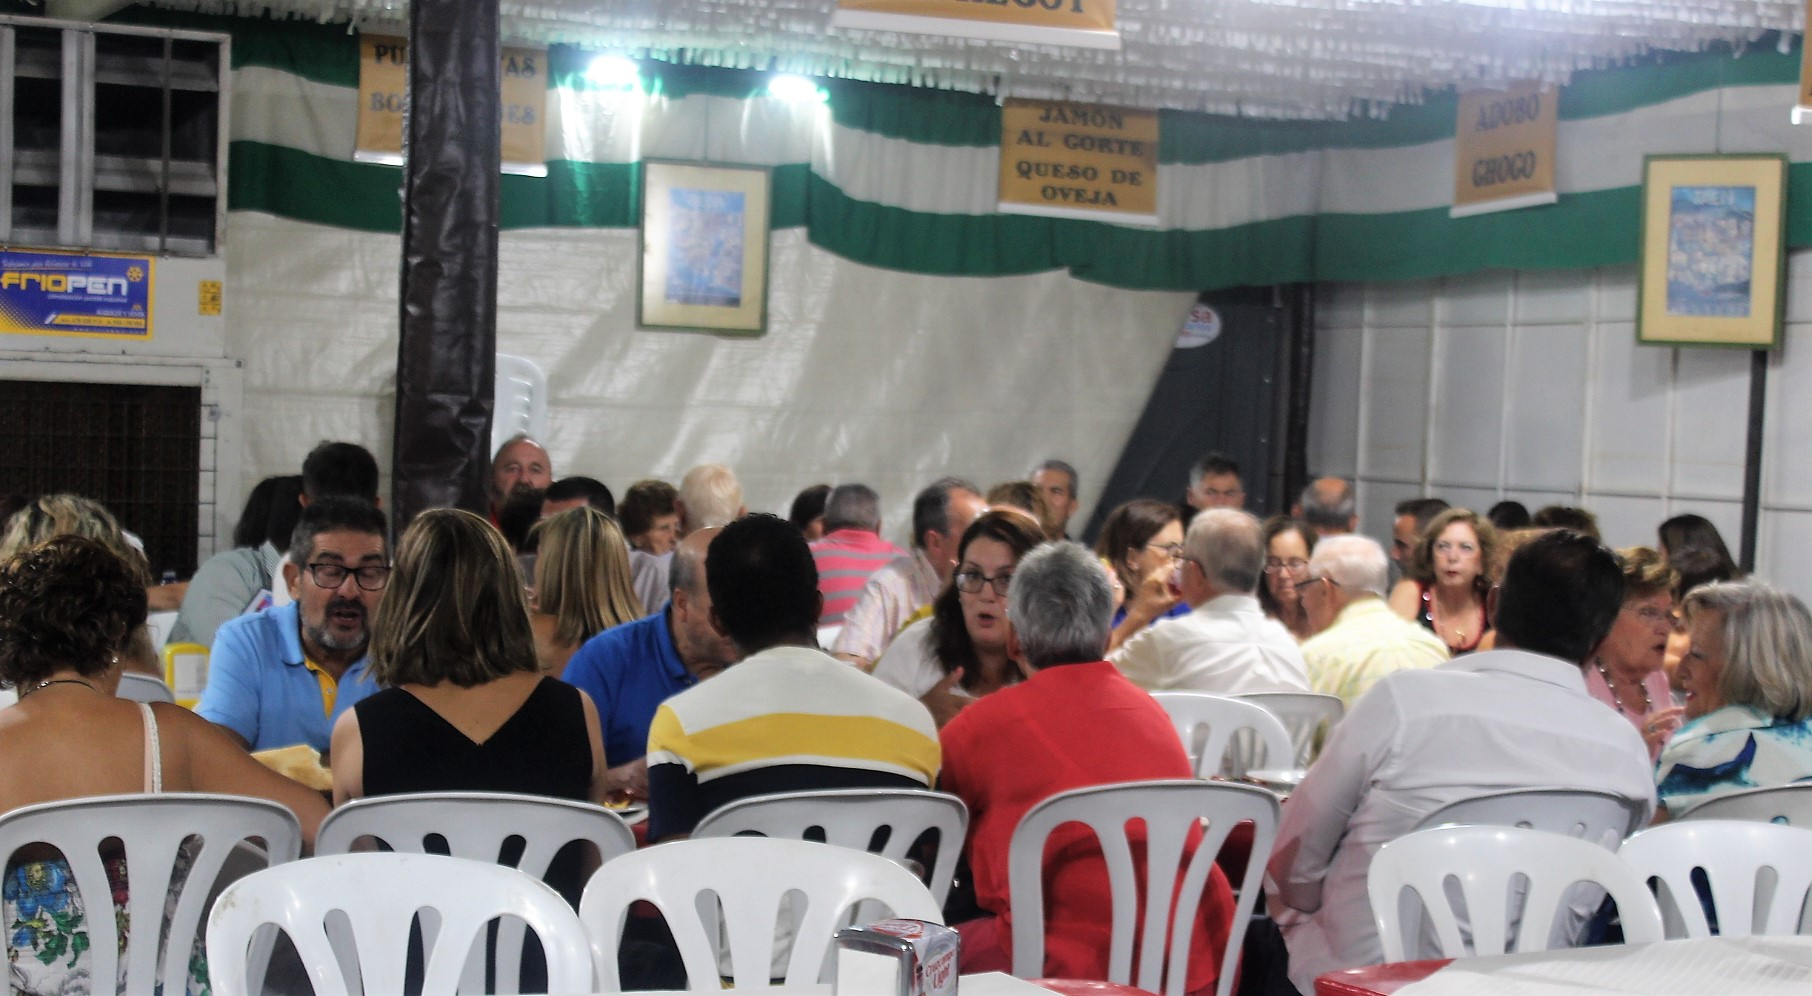 Andalucía Por pide «transparencia y claridad» en las contrataciones de la Feria